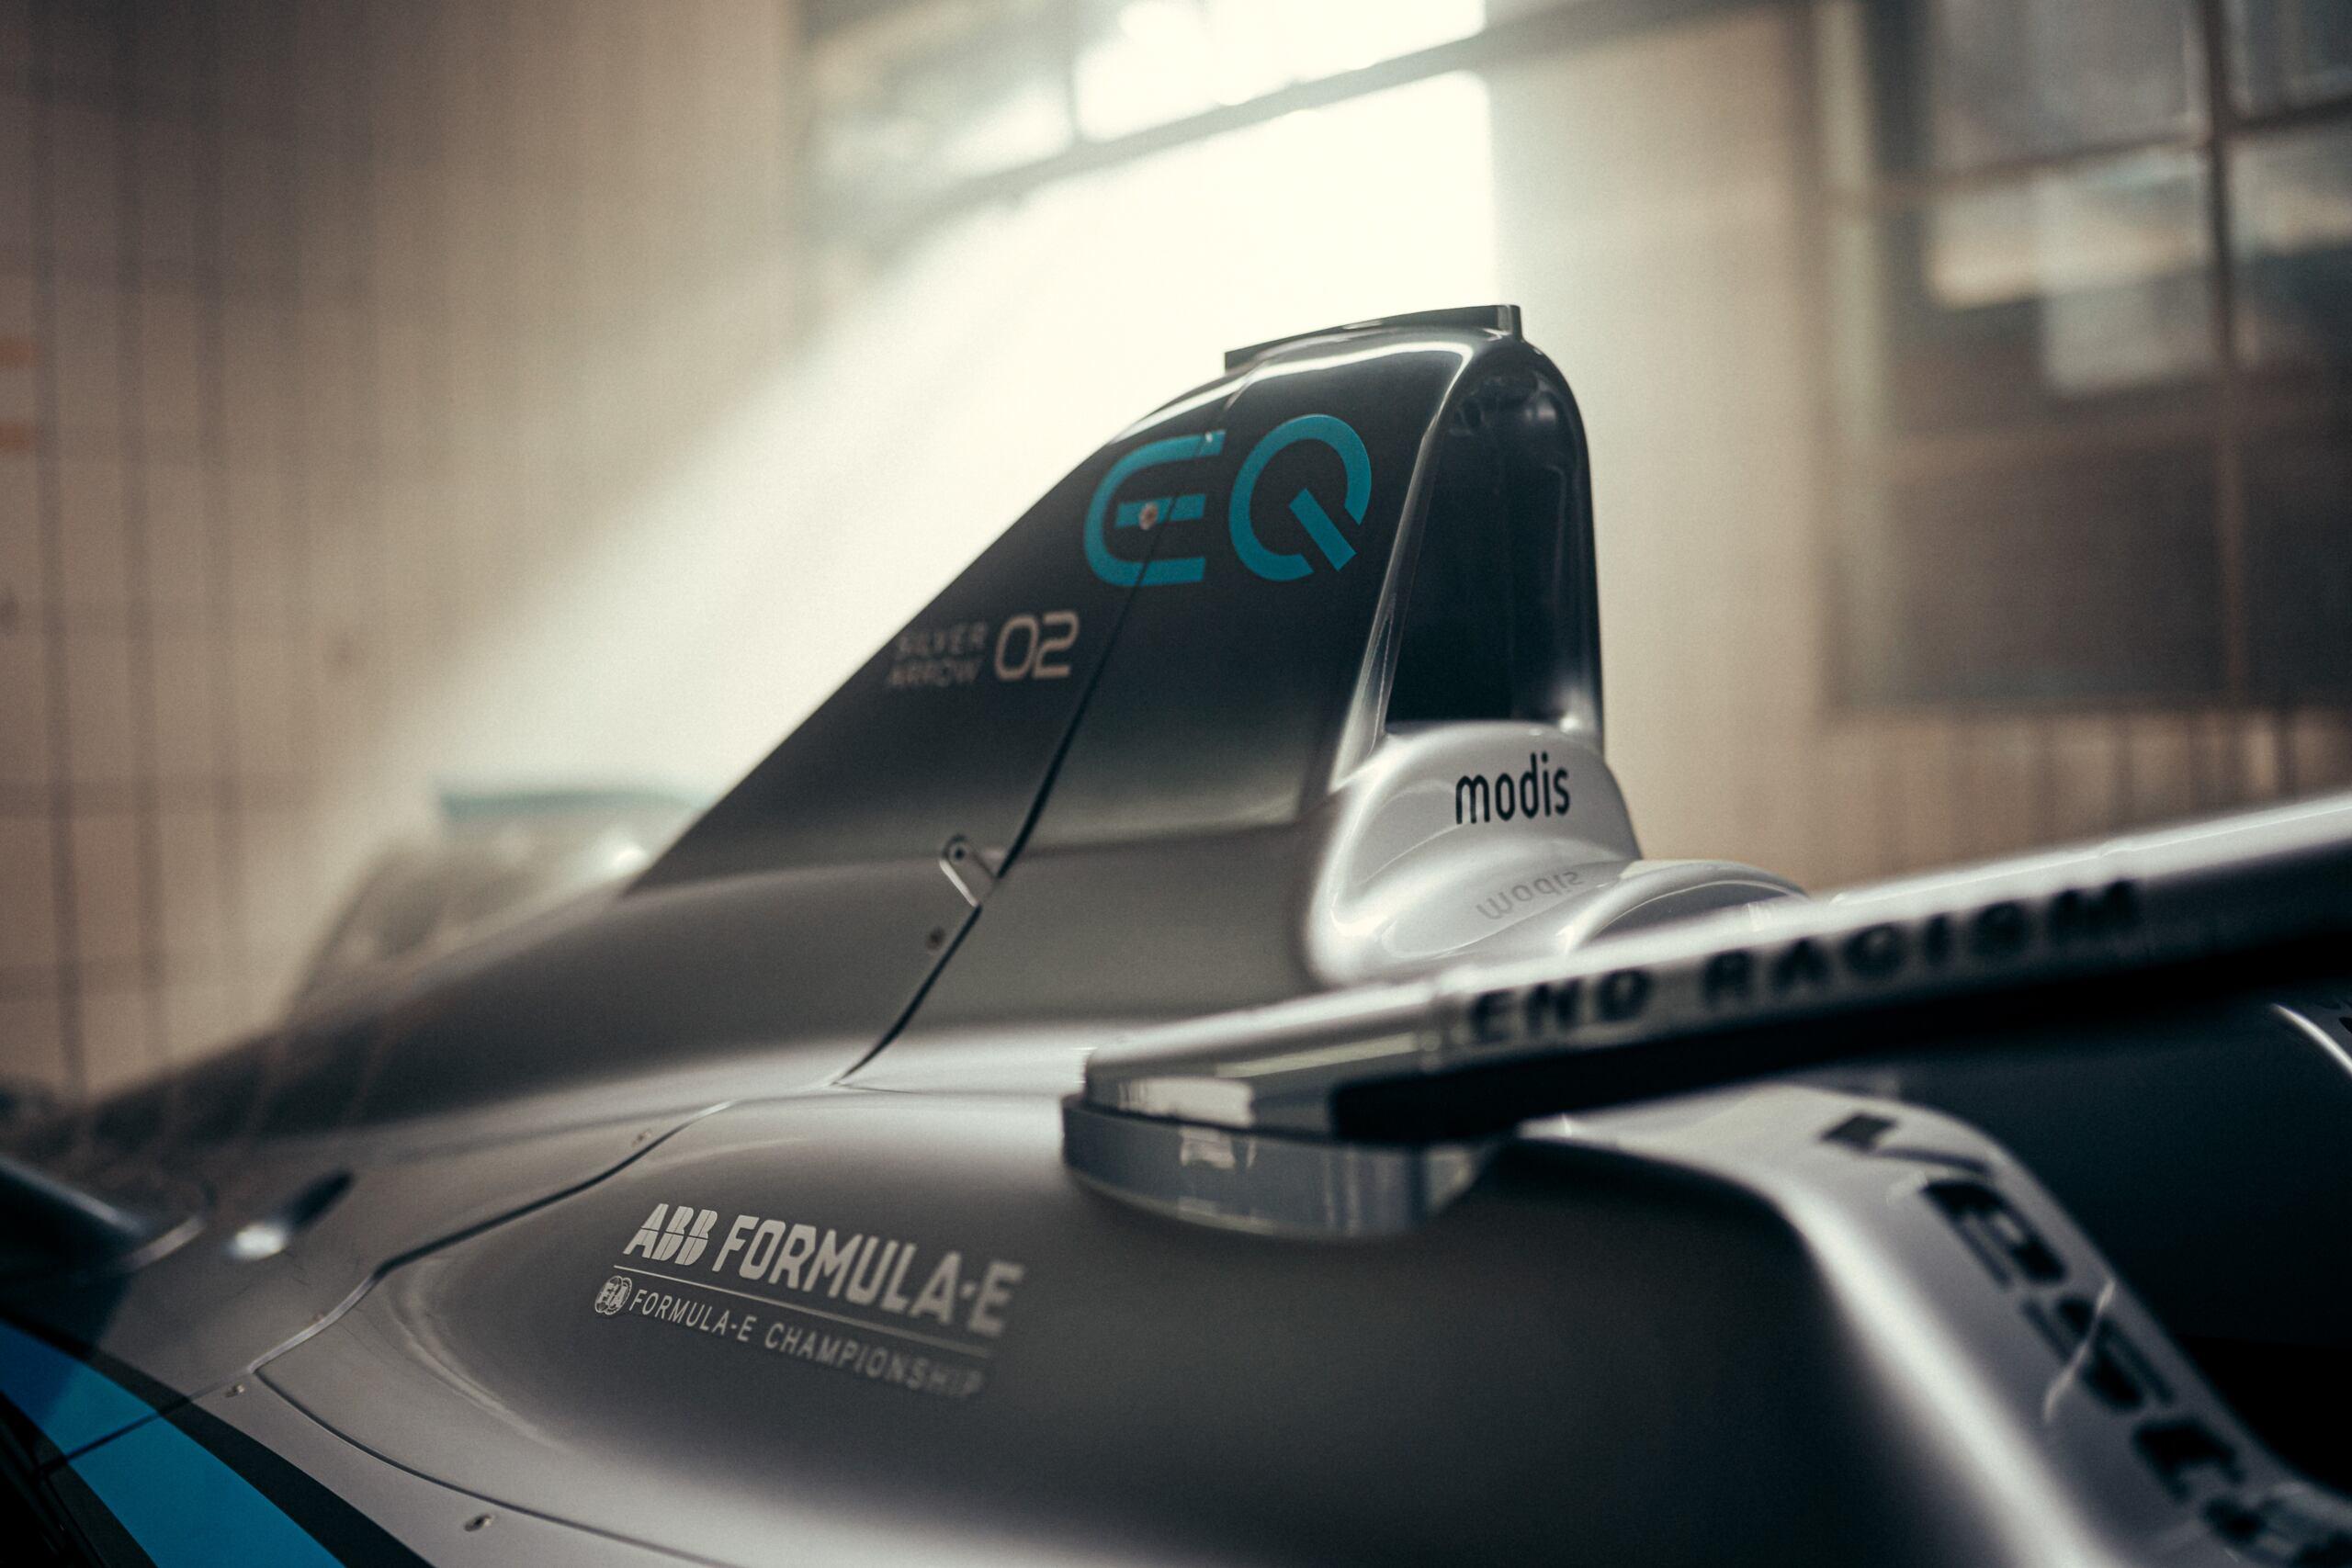 Mercedes-Benz EQ Formula E Team Modis partnership